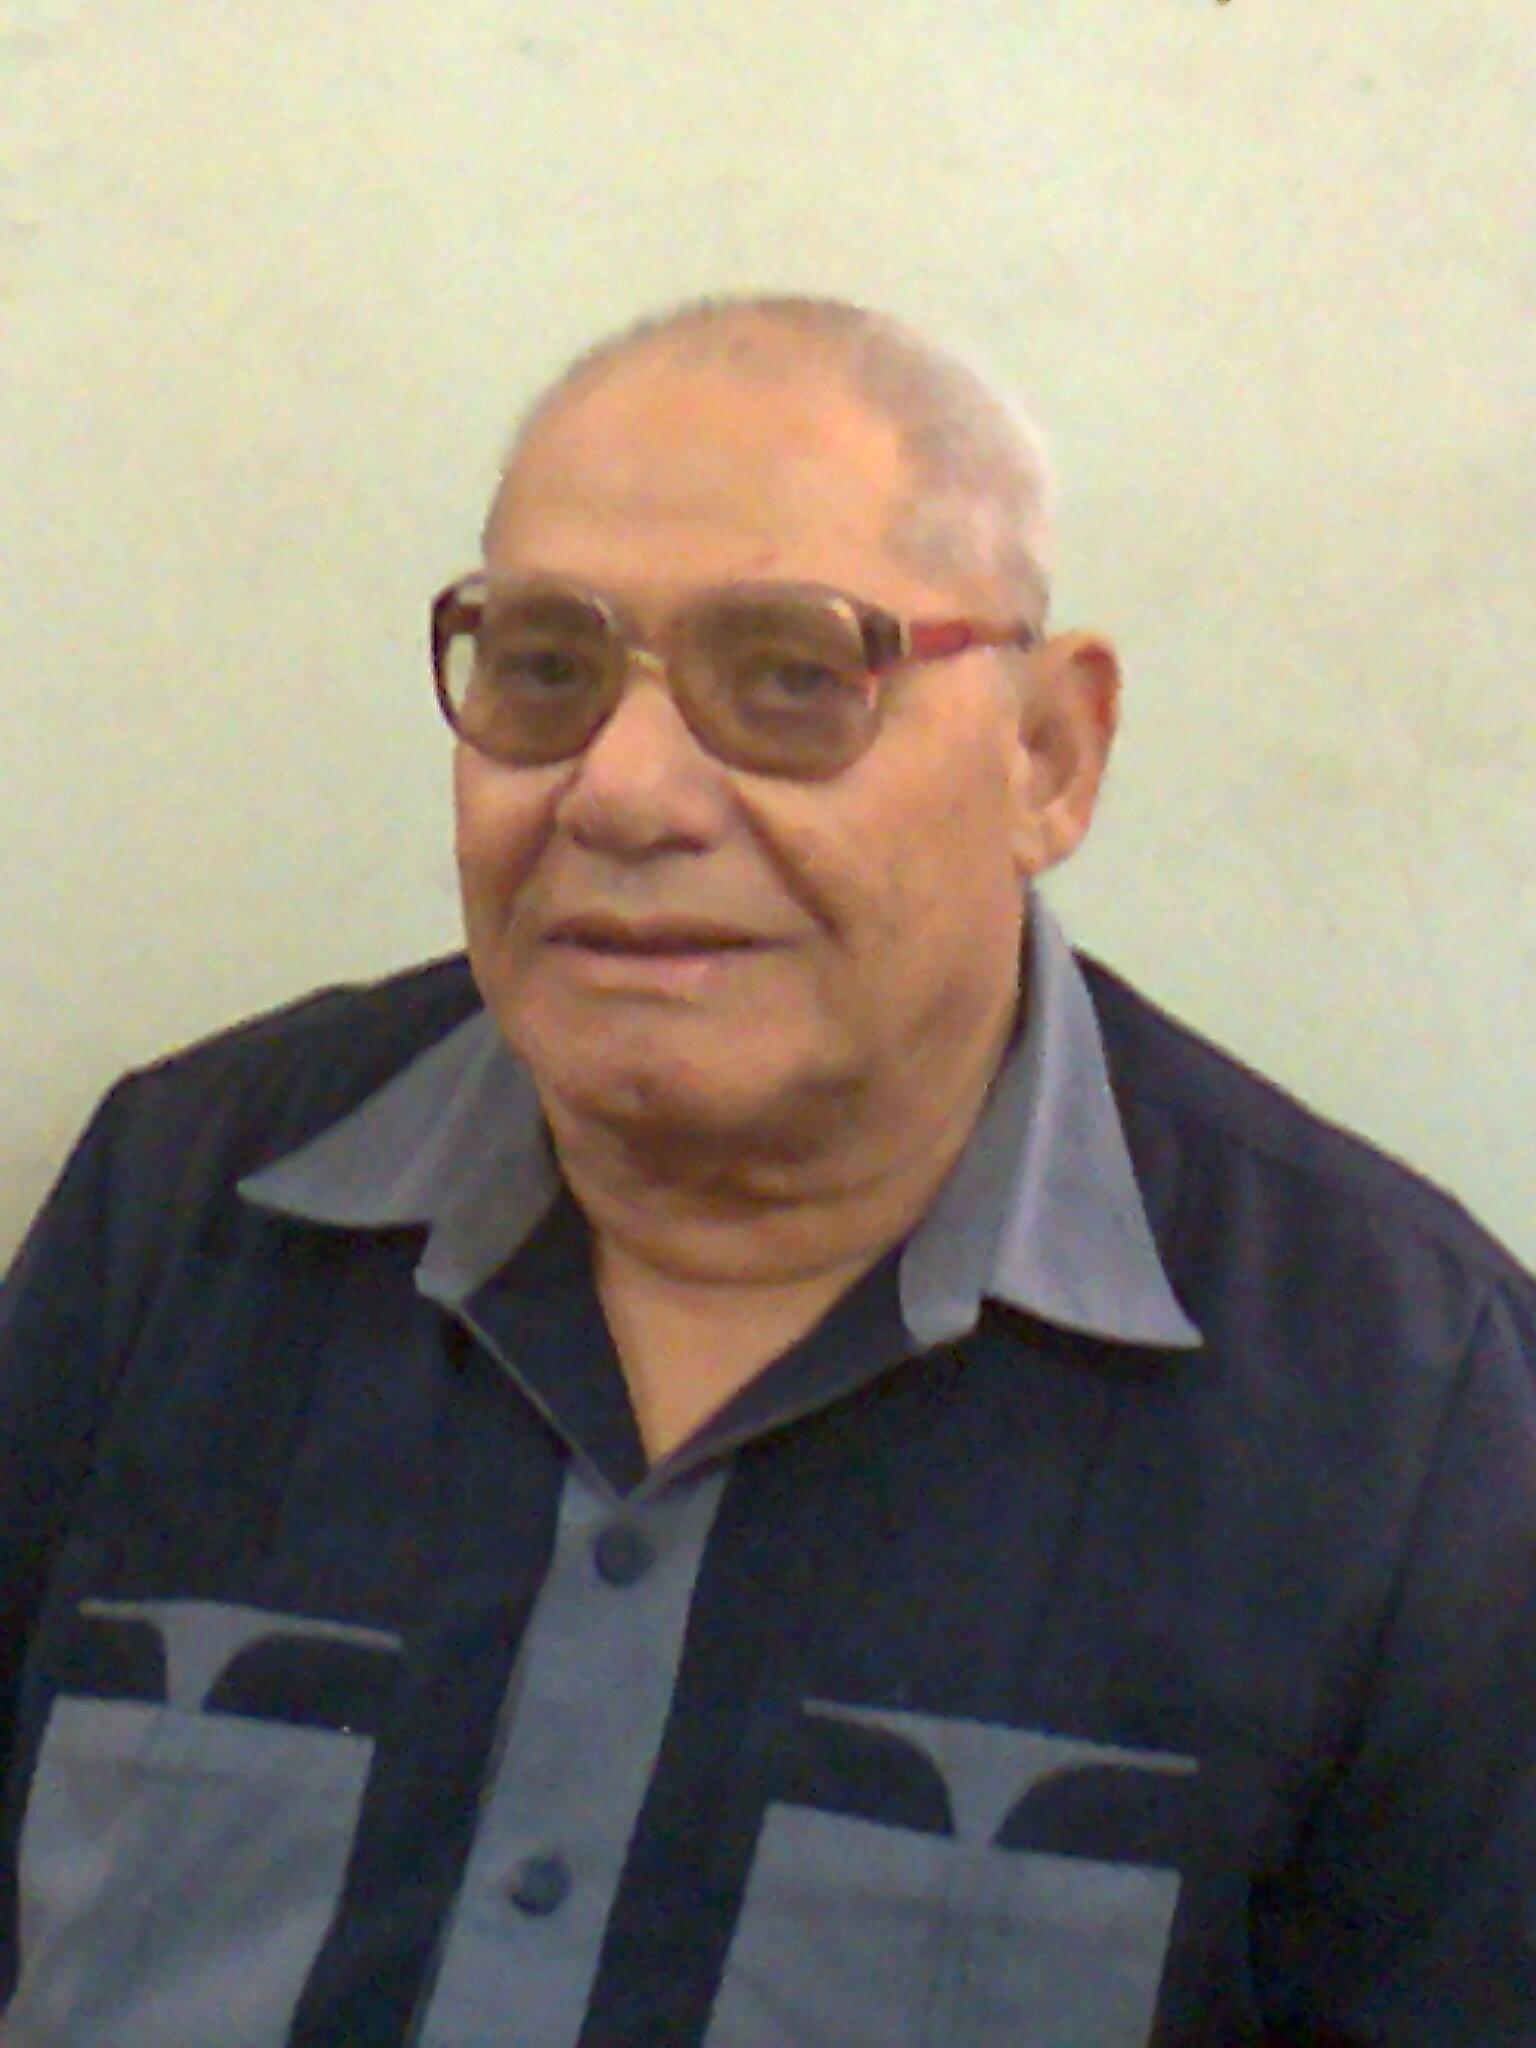 Tawfik Abd Elhameed Abed Baioumy